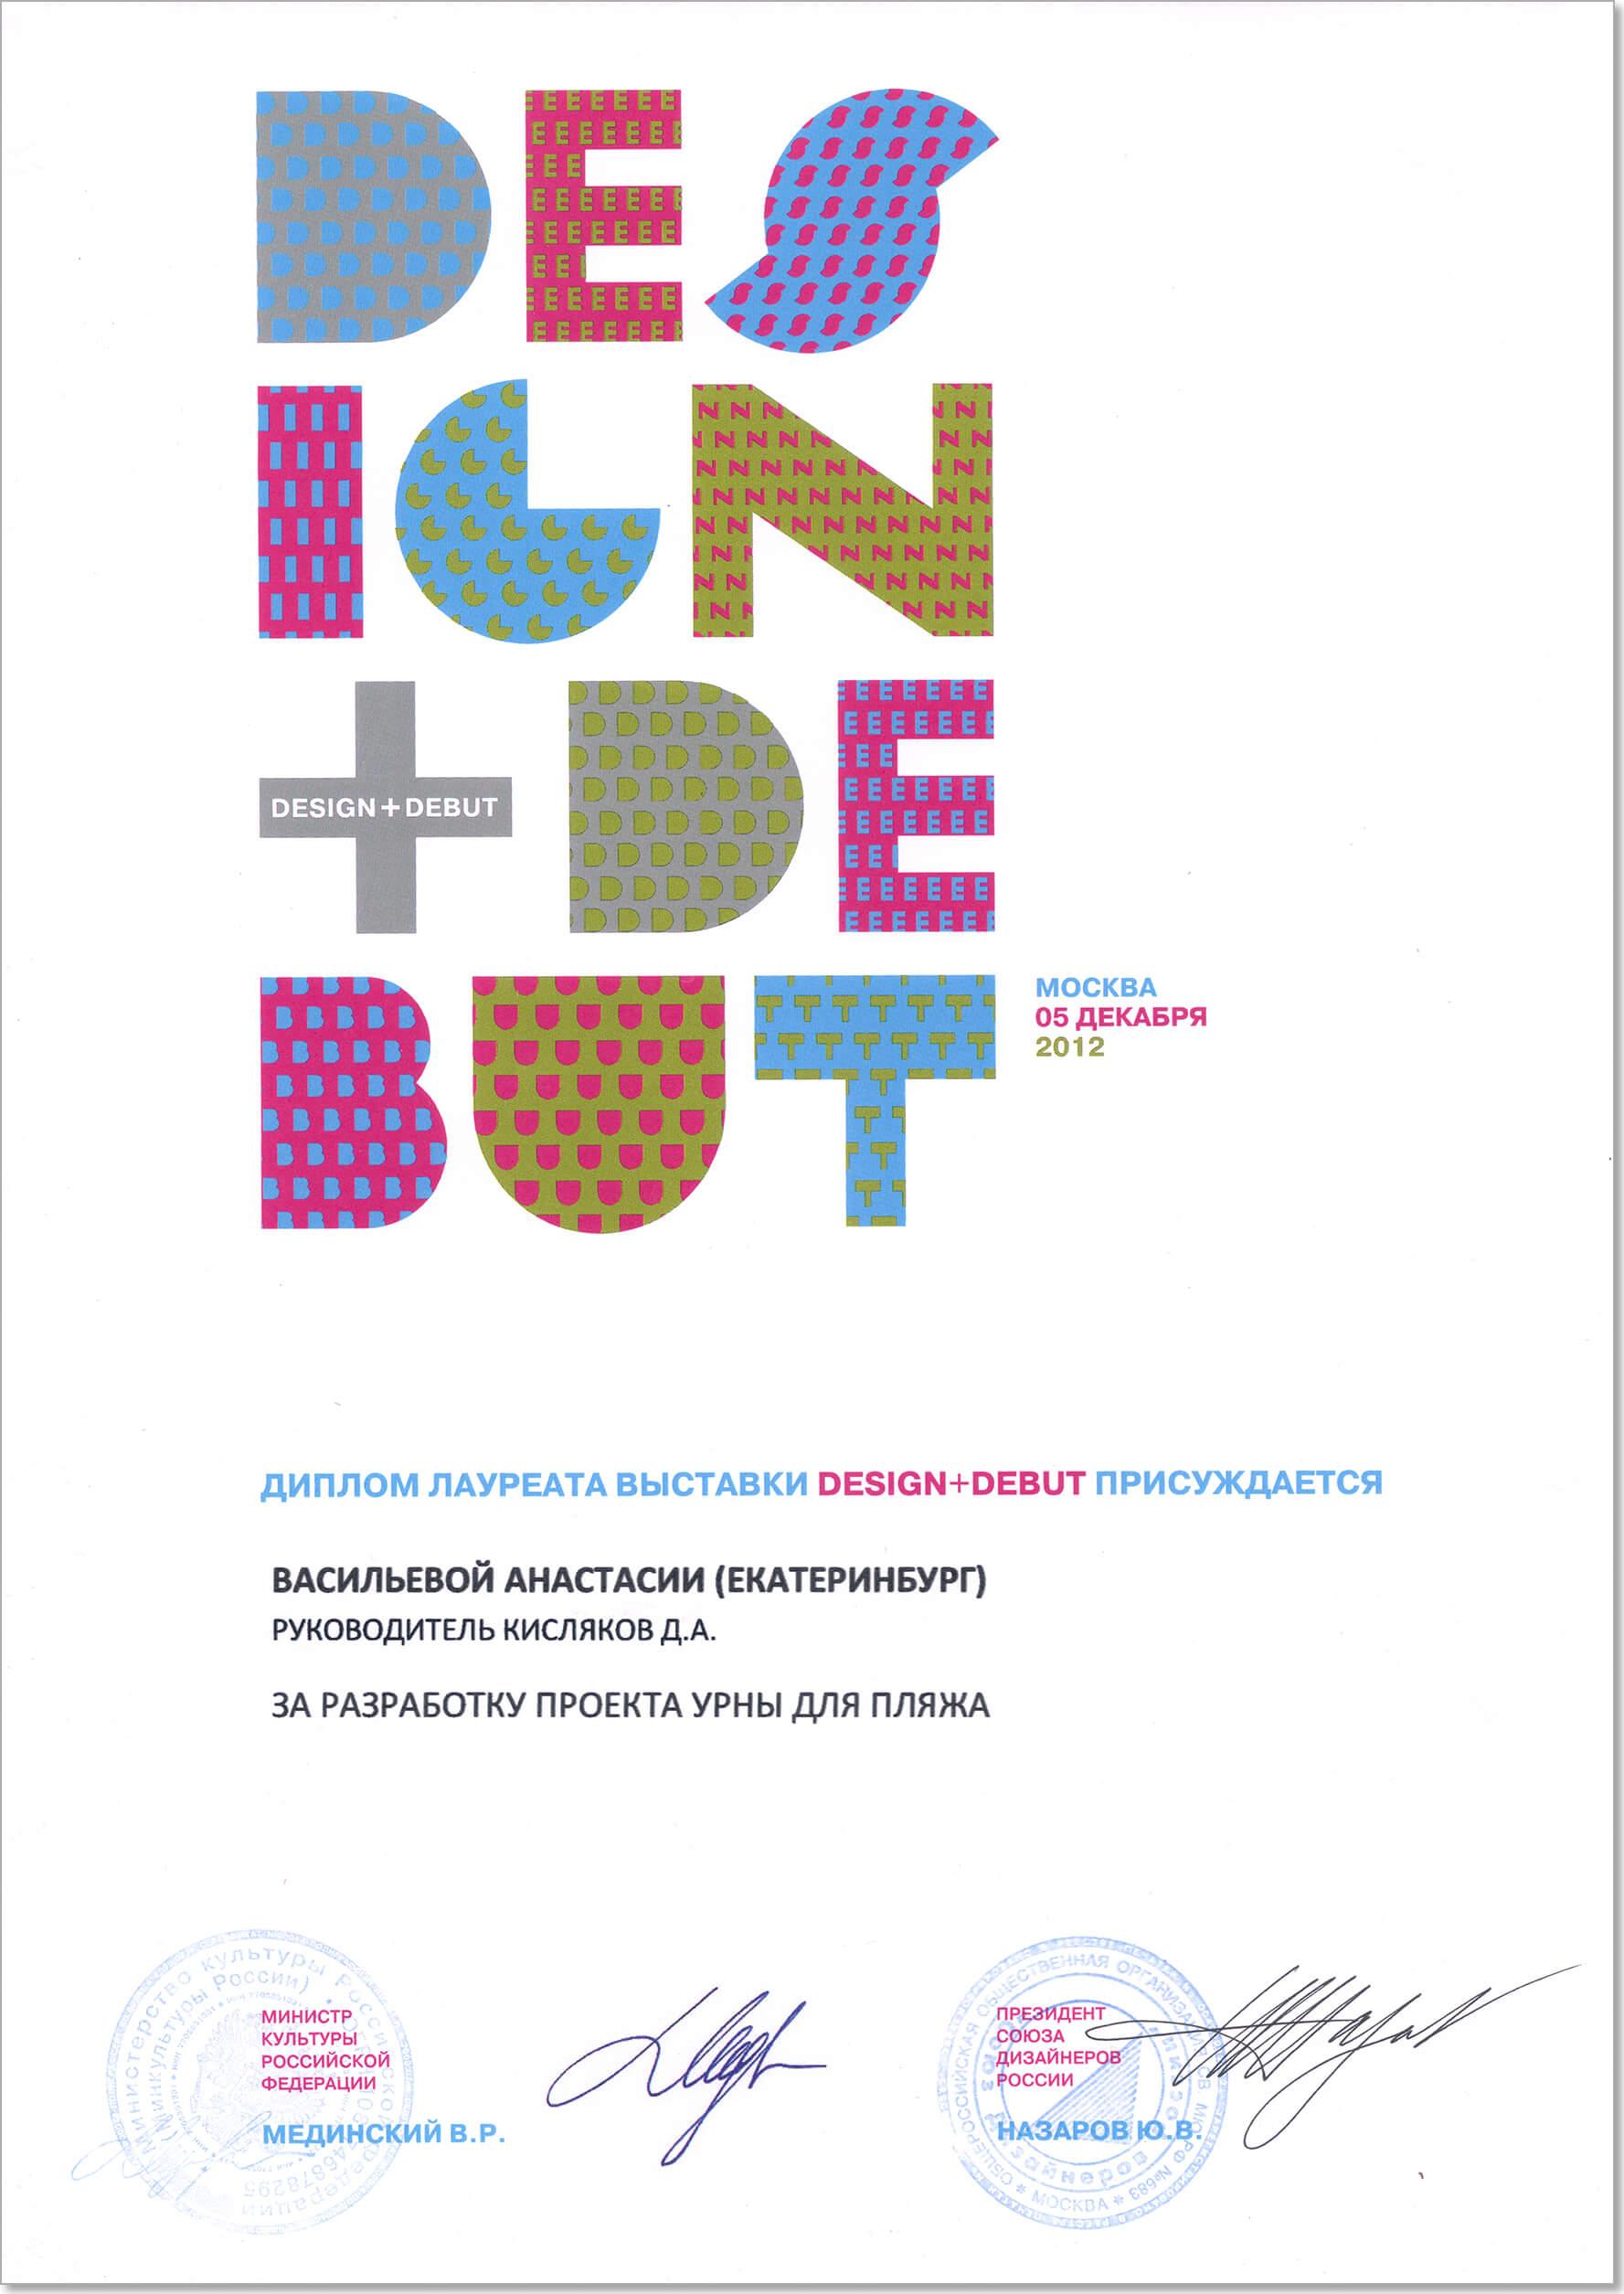 Диплом лауреата выставки Design+Debut Анастасии Дягилевой